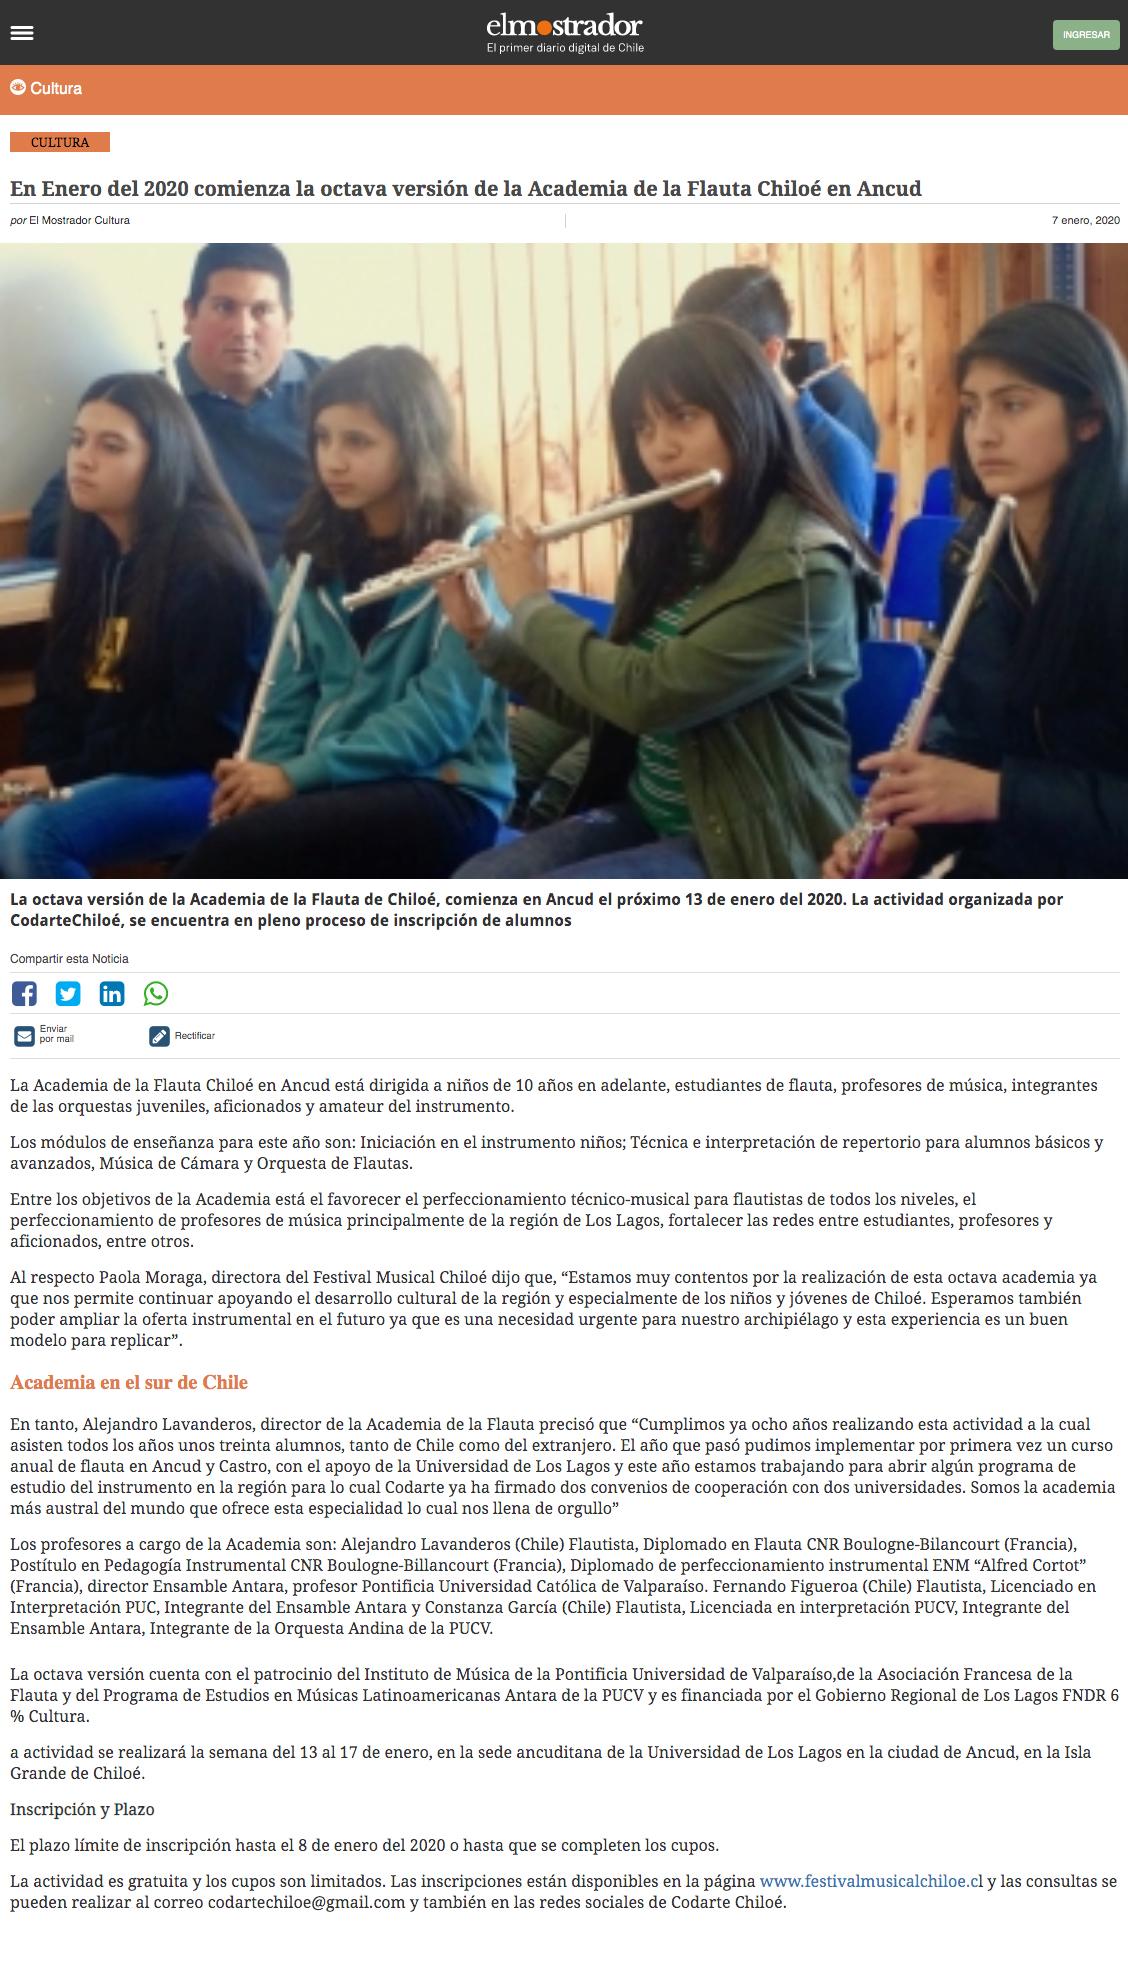 ElMostrador-07-01-2020